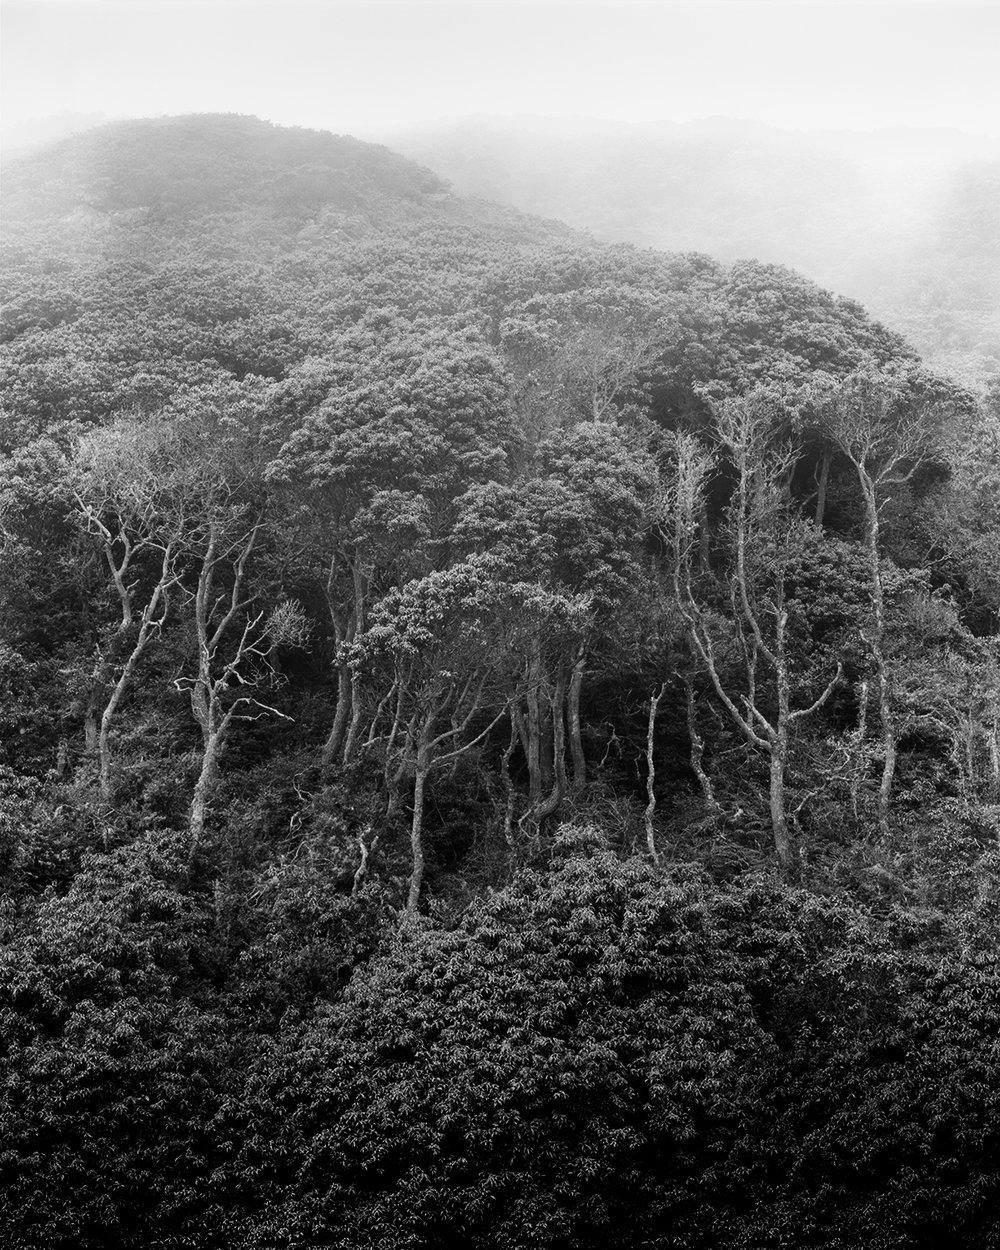 Wicked Trees, Montara Mountain 2016